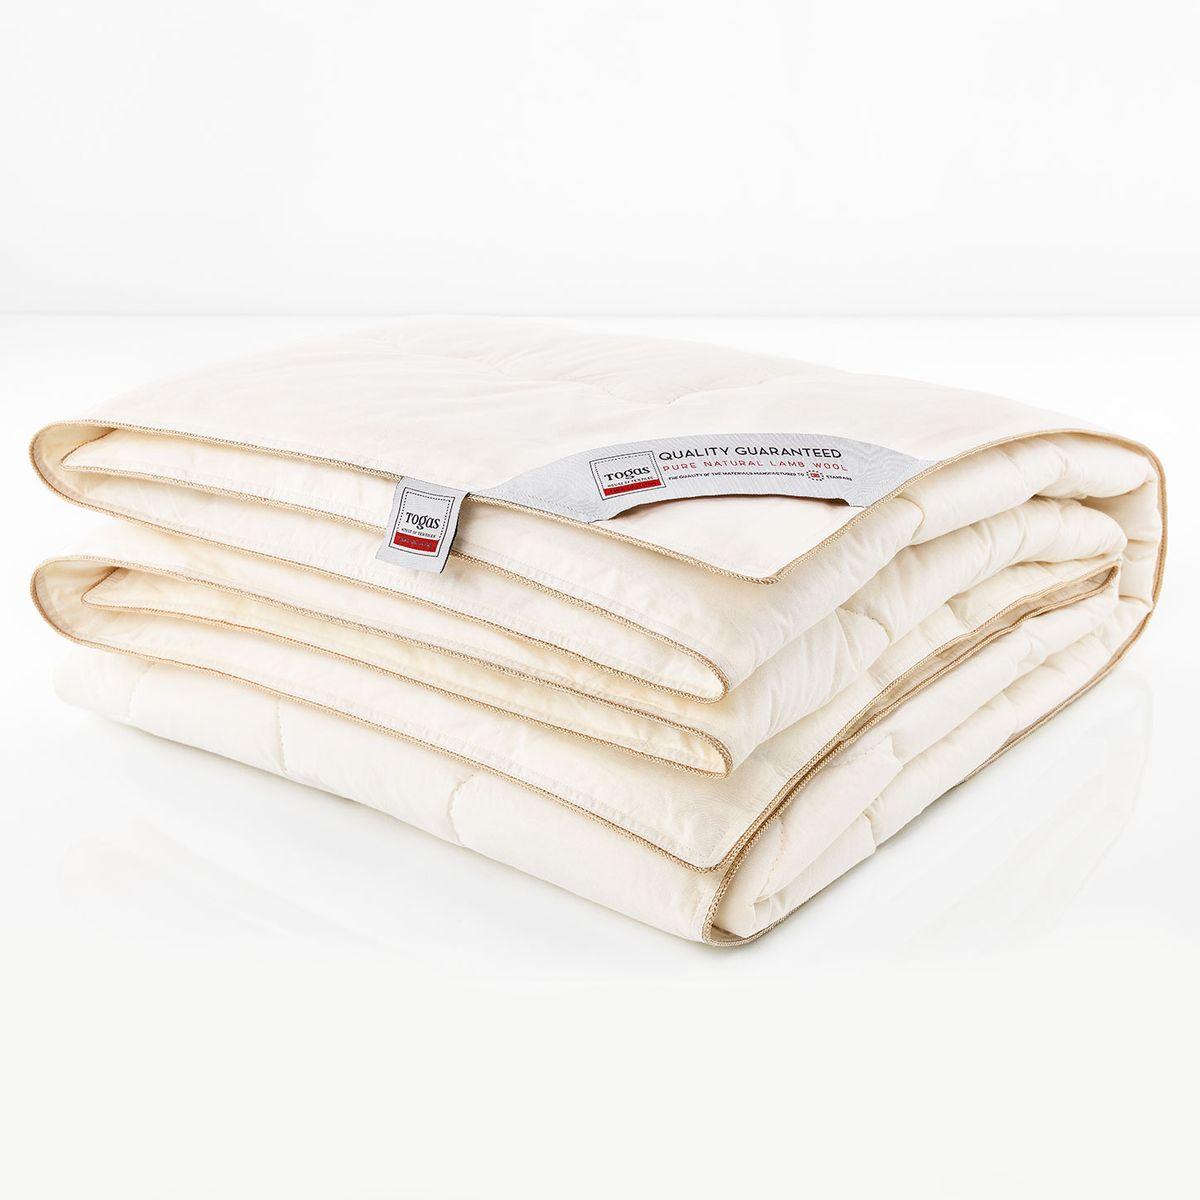 """Одеяло Прима овечья шерсть в сатине, 140 х 200 см. 20.04.17.001020.04.17.0010Шерсть способна создавать сухое тепло. Такие одеяла по-настоящему """"дышат"""": между шерстяными волокнами постоянно циркулирует воздух, который помогает выводить лишнее тепло и влагу, создавая идеальный микроклимат во время сна. Овечьи одеяла очень износостойки, неприхотливы и просты в уходе, - они прослужат вам долгие годы, не потеряв своей формы и удивительных свойств."""